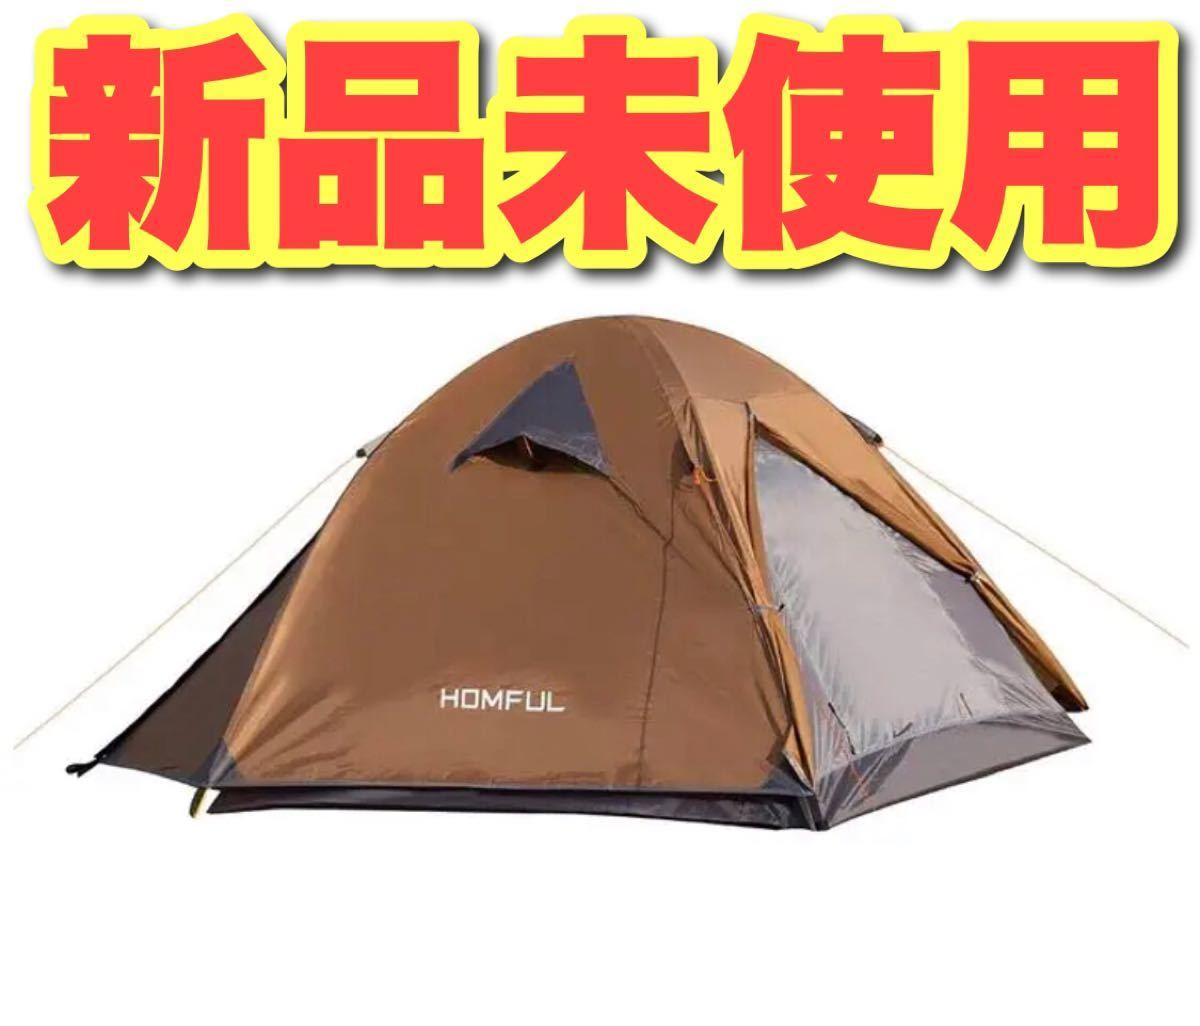 キャンプテント2人用 設営簡単 防災用 キャンプ用品 登山 折りたたみ